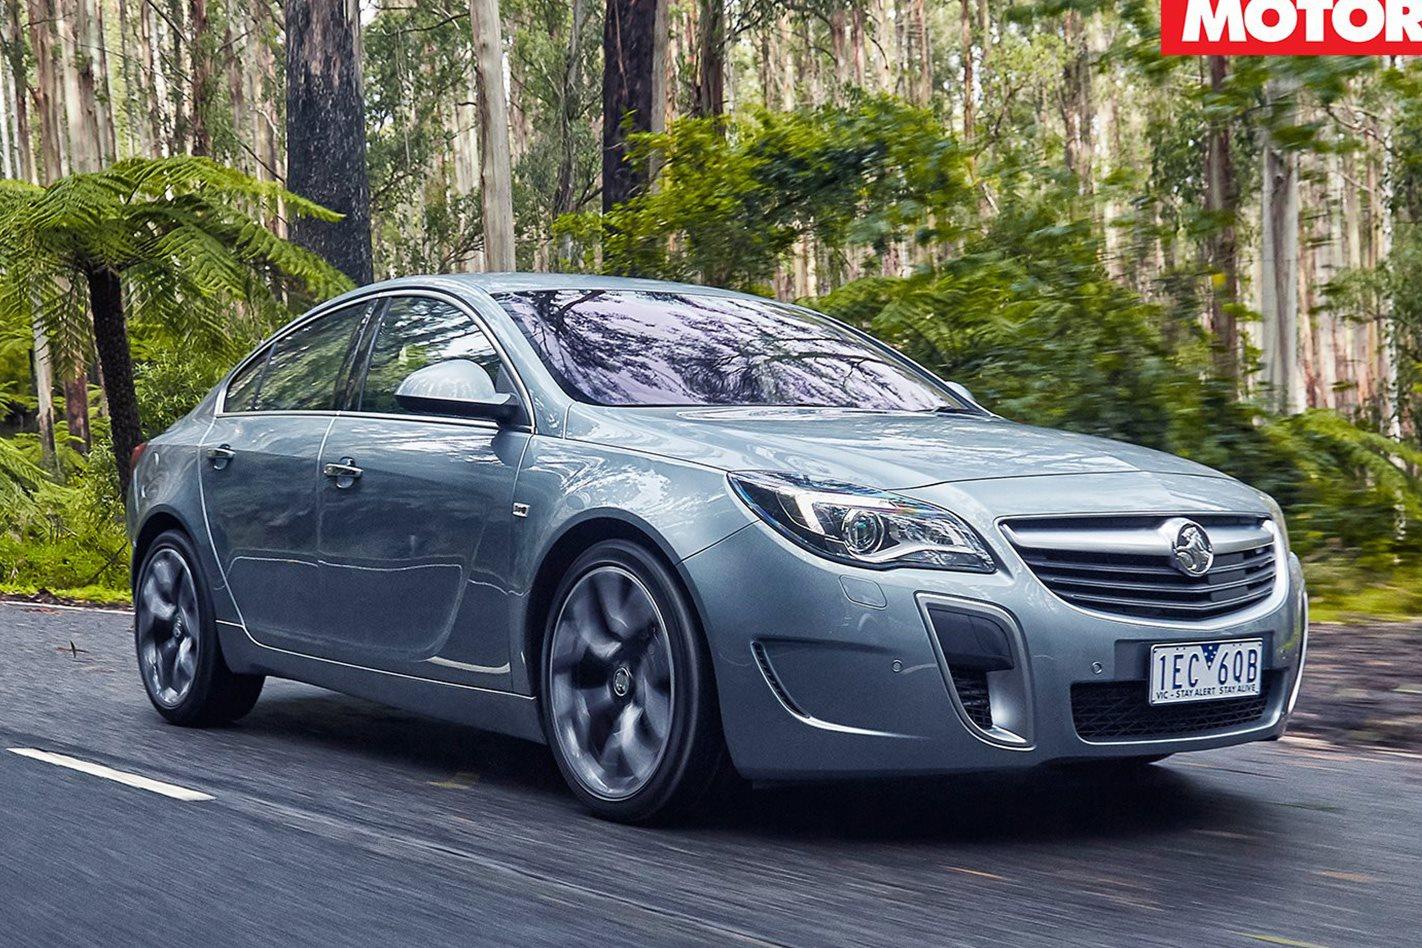 2016 Holden Insignia VXR